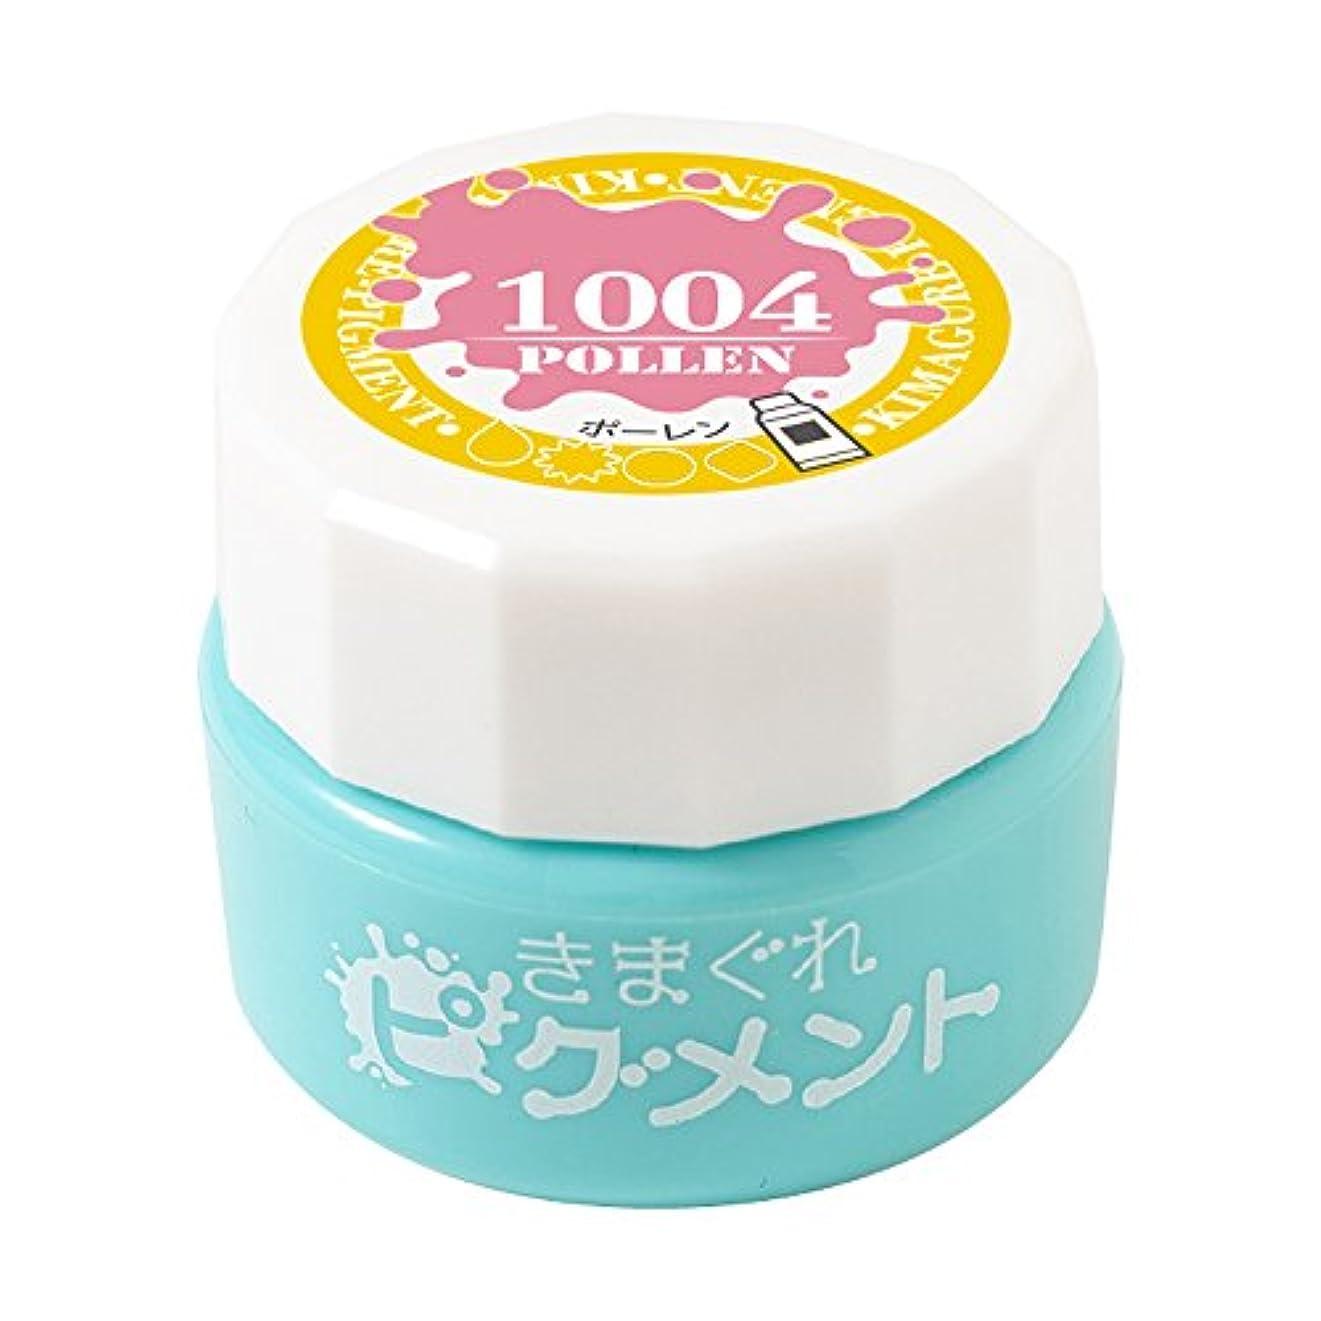 感じる破産薬局Bettygel きまぐれピグメント ポーレン QYJ-1004 4g UV/LED対応